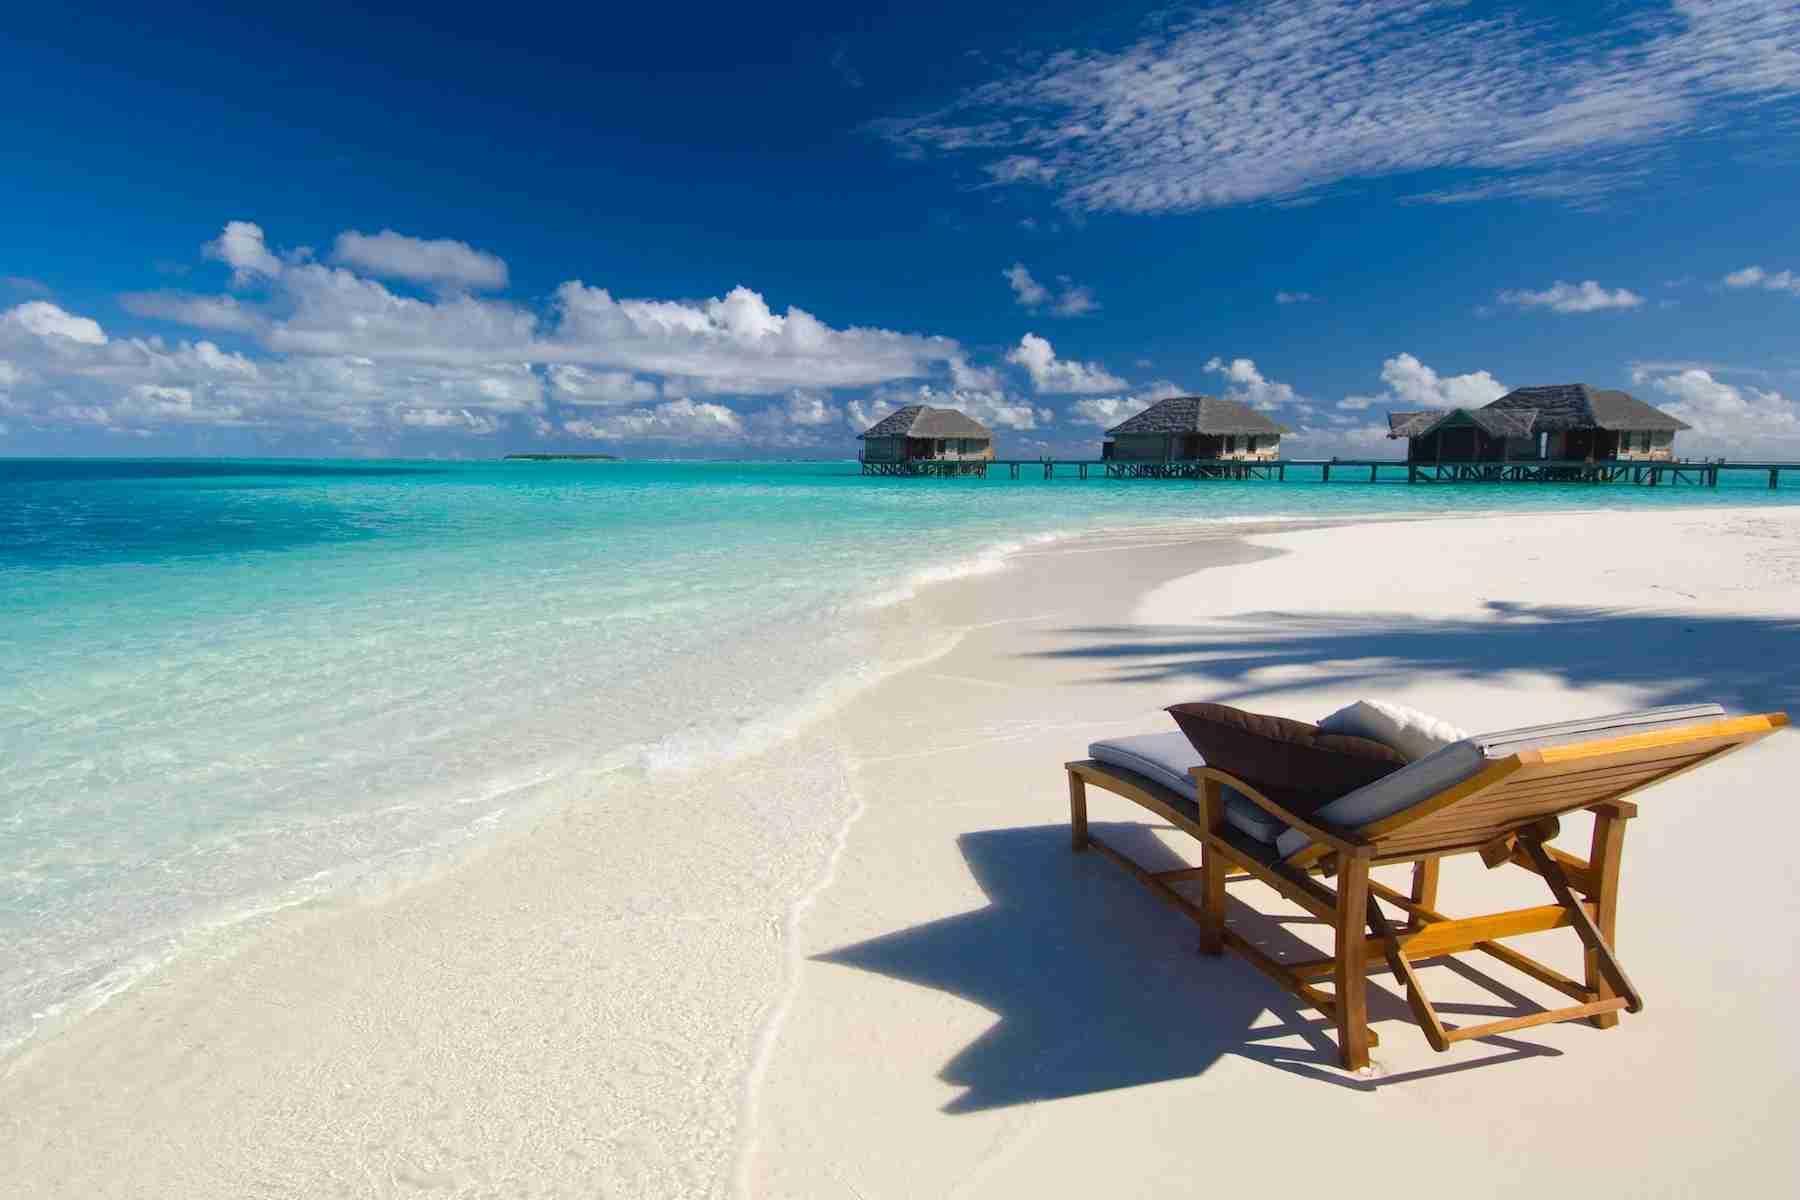 The beachfront of Conrad Maldives. Photo by Conrad.